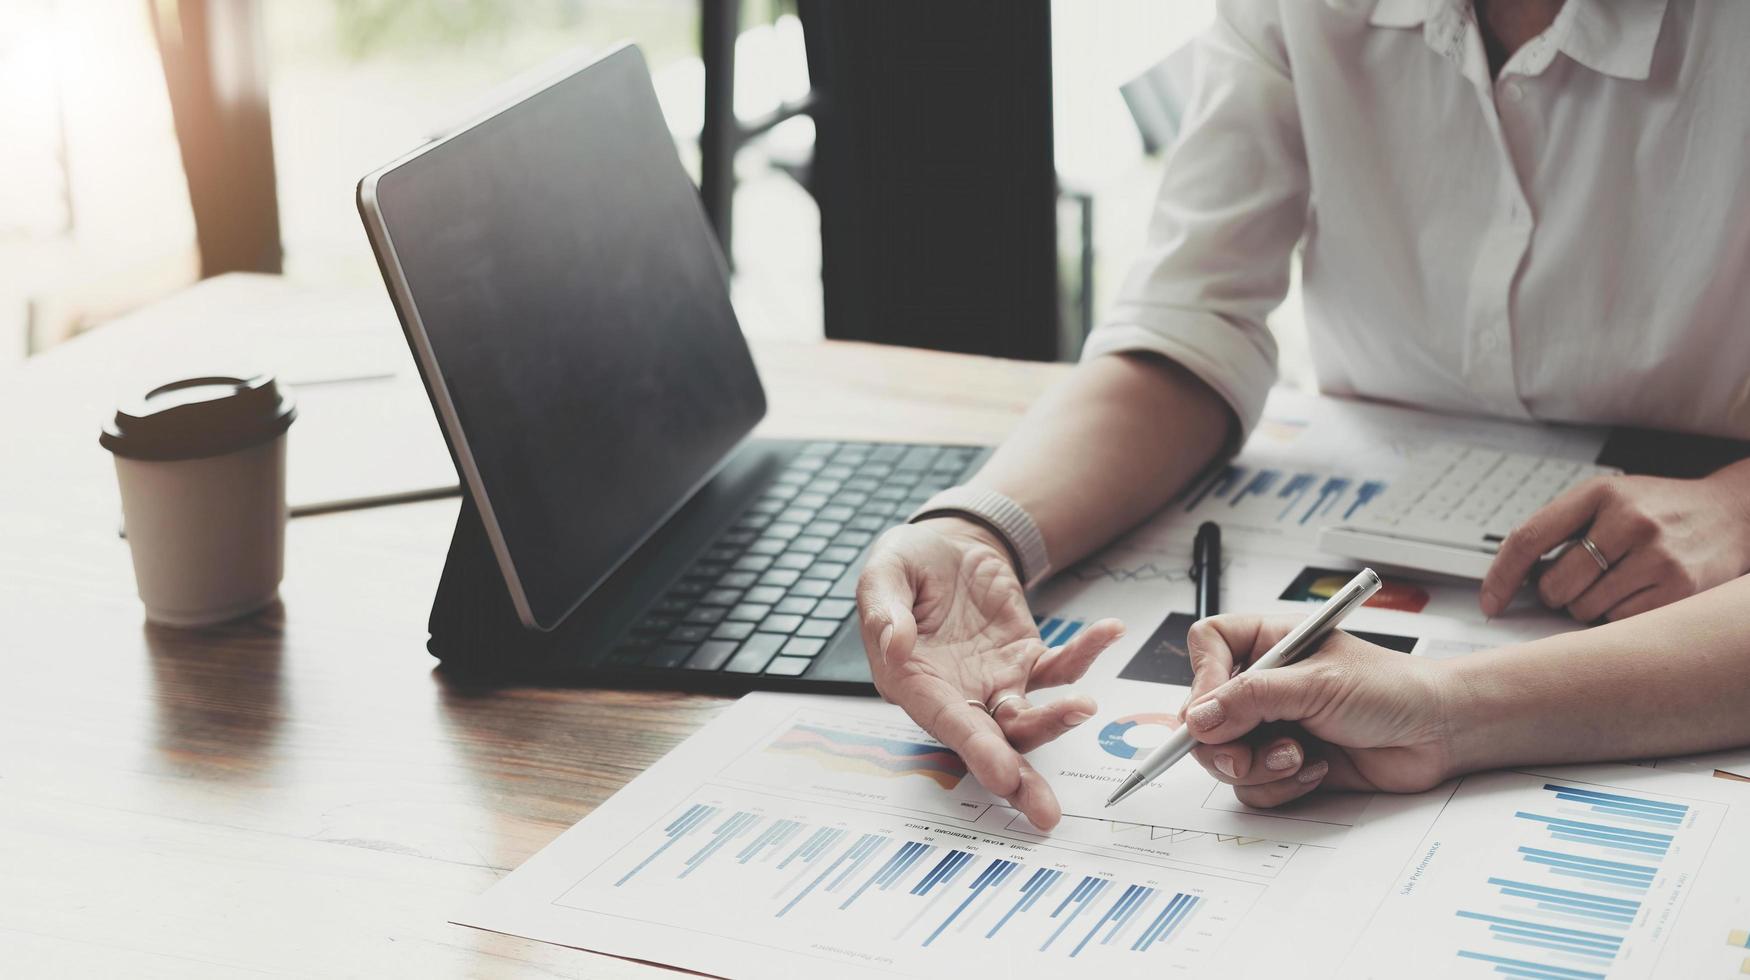 analyse de discussion de deux comptables partageant des calculs sur le budget de l'entreprise et la planification financière ensemble sur le bureau dans la salle de bureau photo